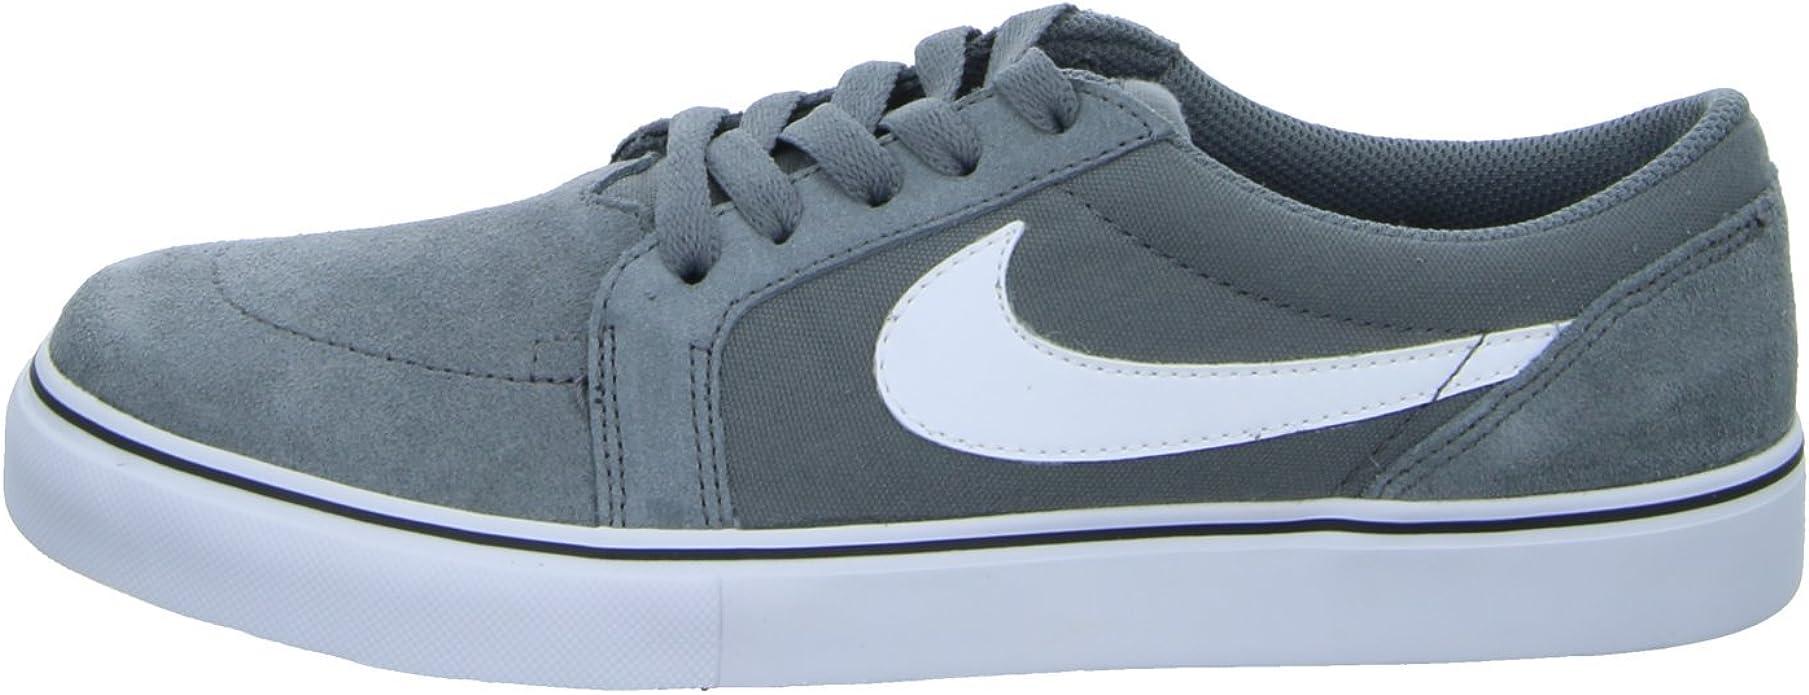 Ídolo Calma alabanza  Nike SB Satire II, Zapatillas de Skateboarding Hombre: Nike: Amazon.es:  Zapatos y complementos